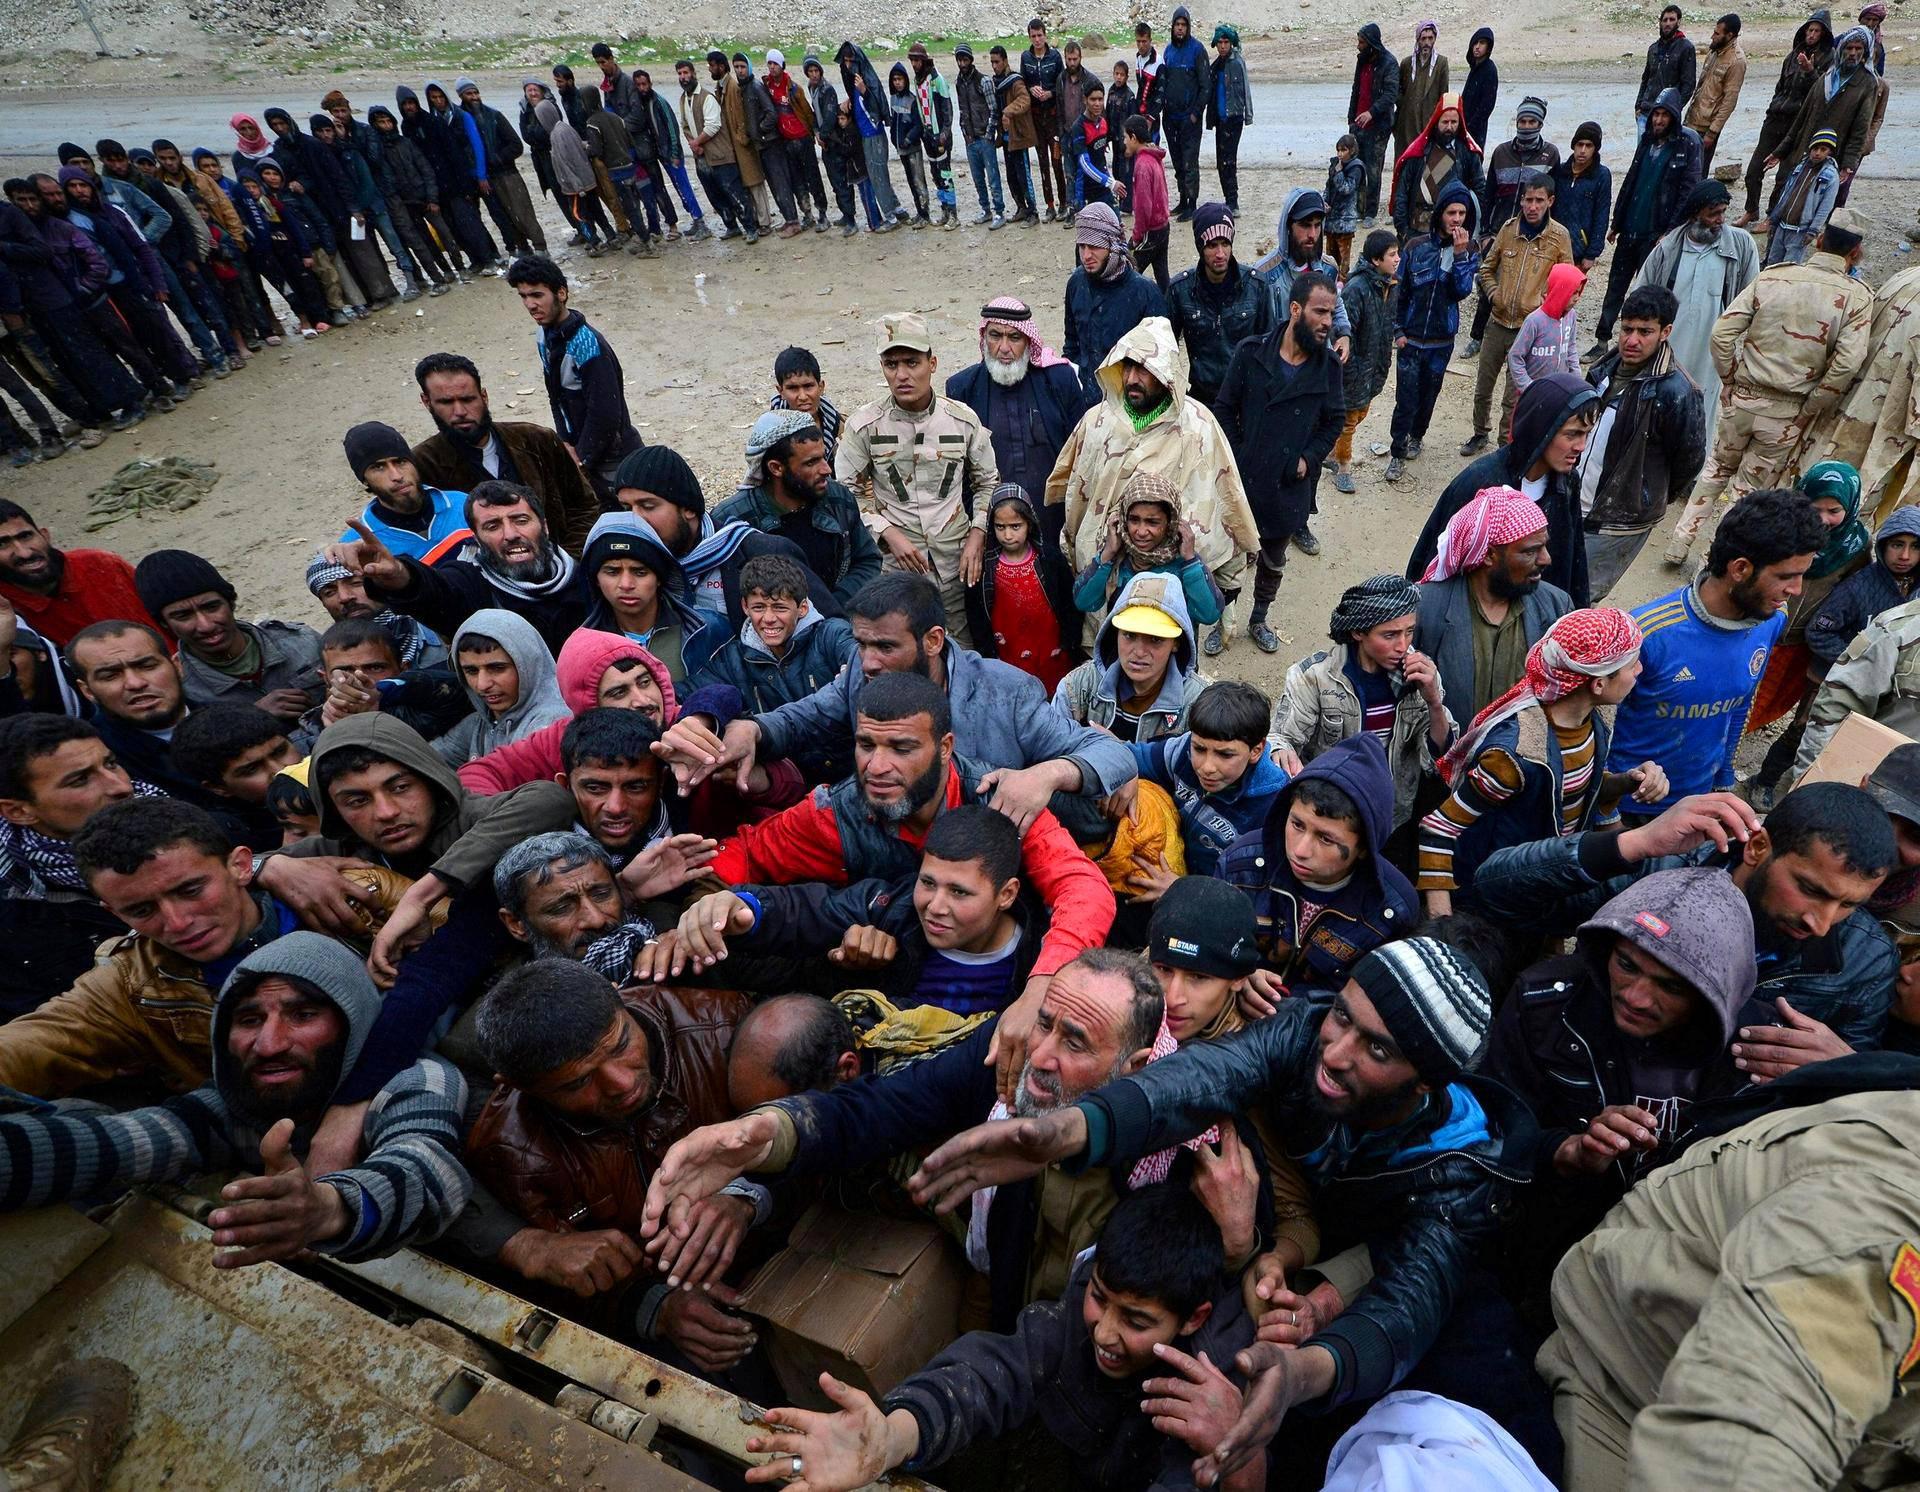 Irakin joukkojen ja Isis-taistelijoiden välisiä taisteluja pakenevat asukkaat jonottivat ruoka-avustuksia Mosulin lähistöllä Badushissa torstaina.